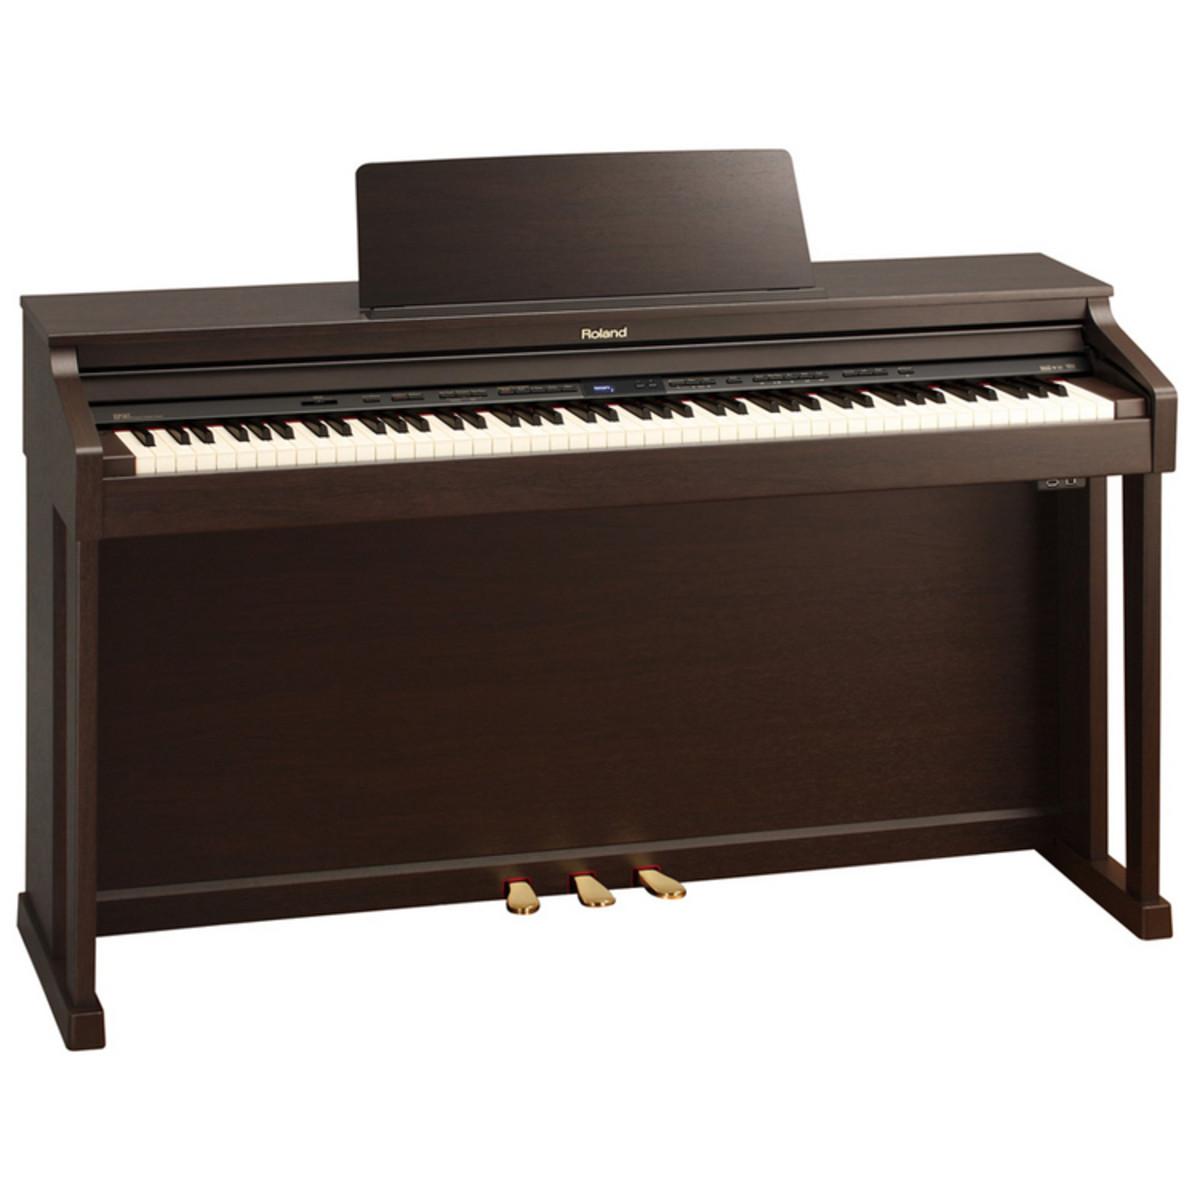 Roland hp503 pianoforte digitale supernatural palissandro for Generatore di piano